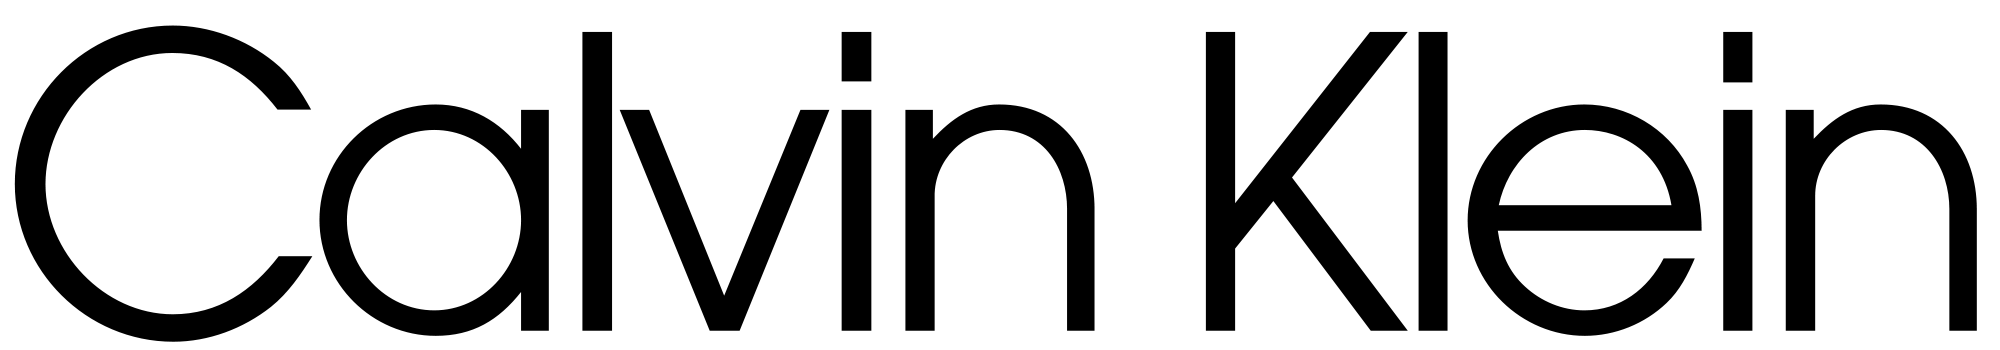 Fashion For Less  - Calvin Klein